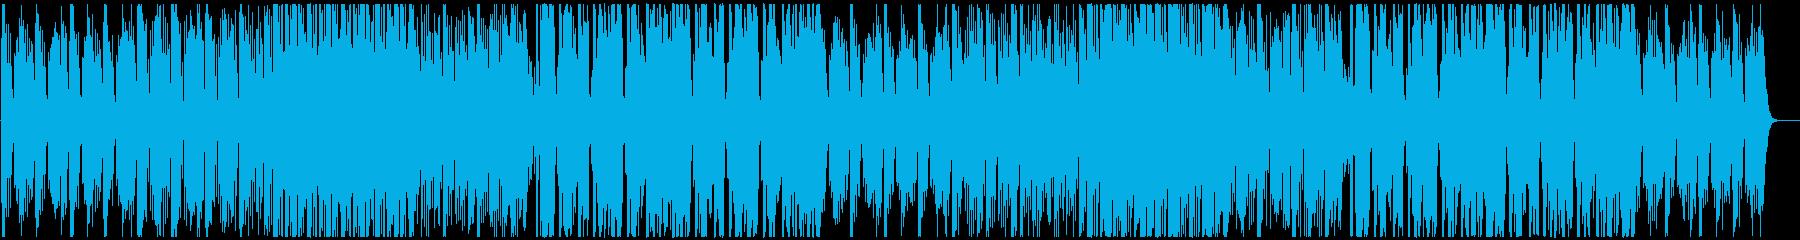 木琴とバイオリン FutureBassの再生済みの波形